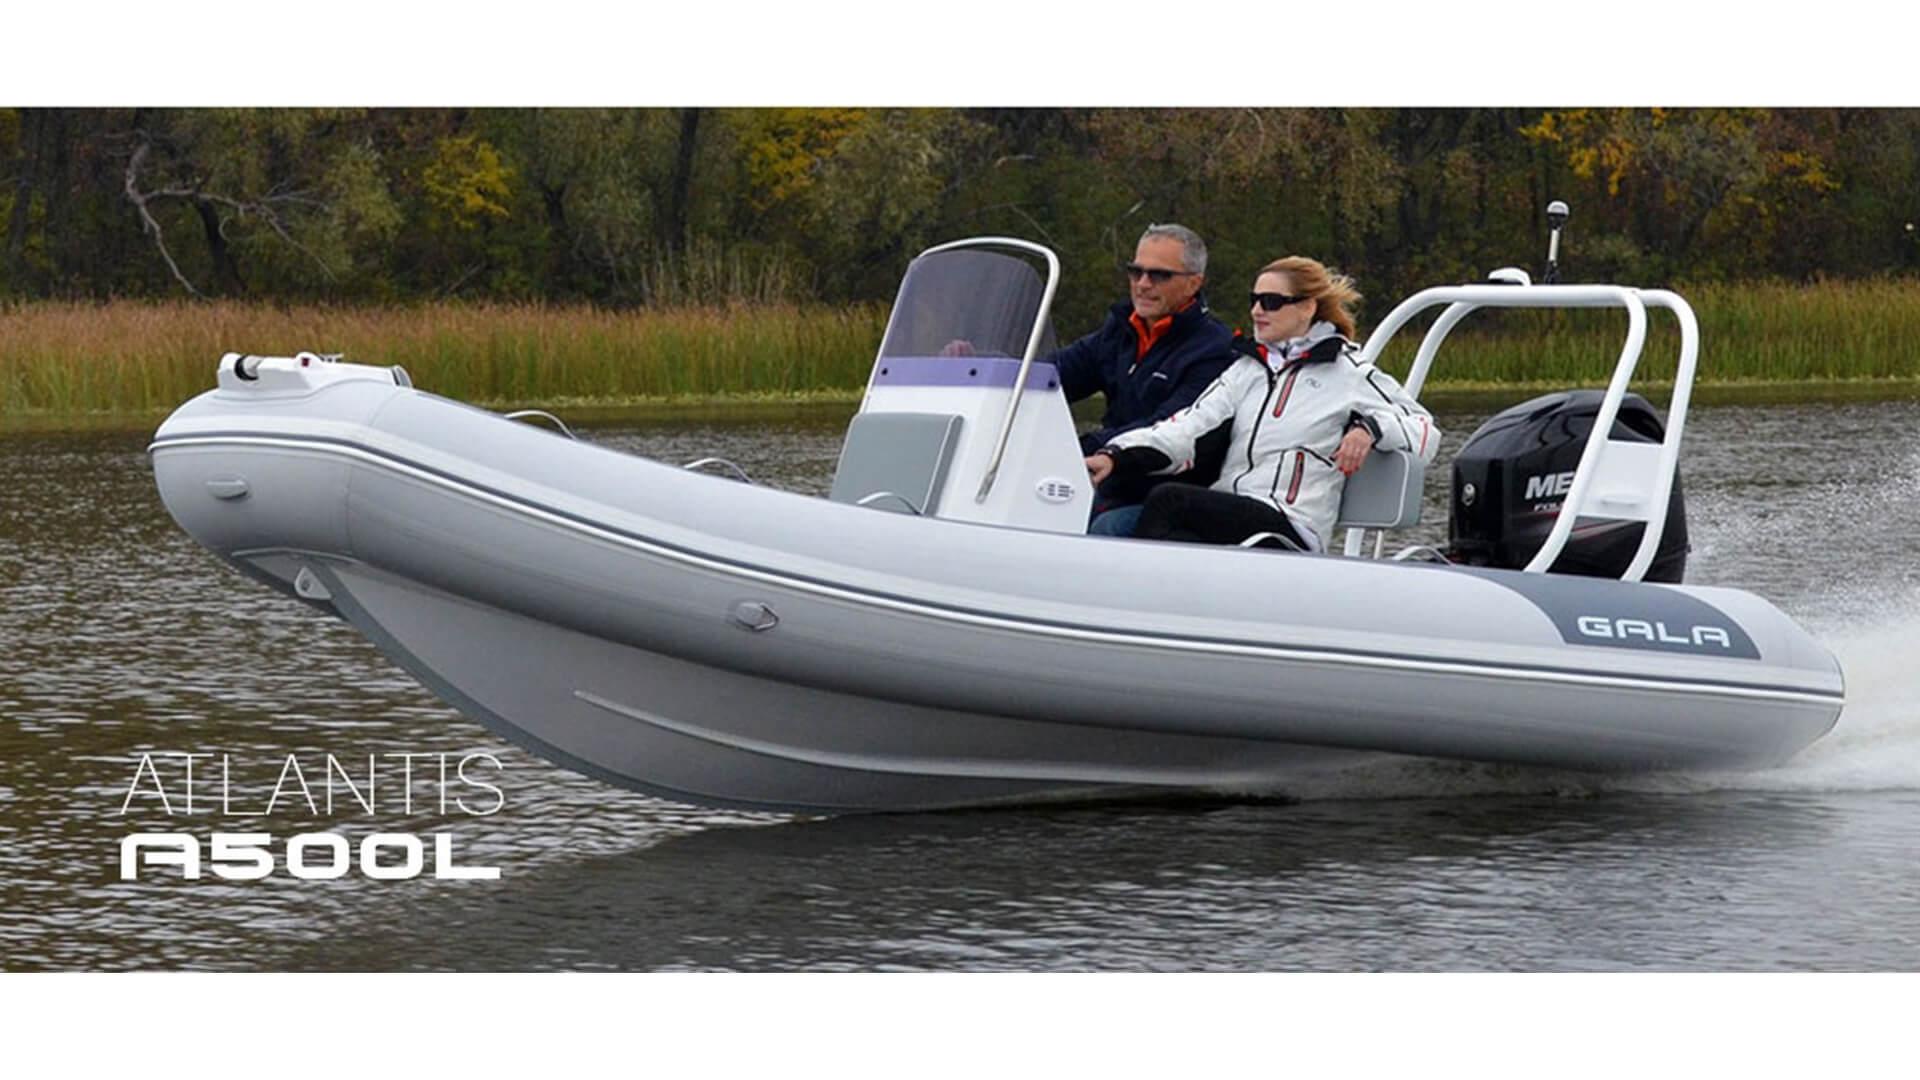 Надувная лодка с жестким алюминиевым дном GALA Atlantis A500L, Надувная лодка с жестким дном GALA Atlantis A500L, Надувная лодка с жестким дном GALA A500L, Надувная лодка GALA A500L, Надувная лодка GALA A500L, GALA A500L, лодка с жестким дном, алюминиевый риб, алюминиевый RIB, RIB